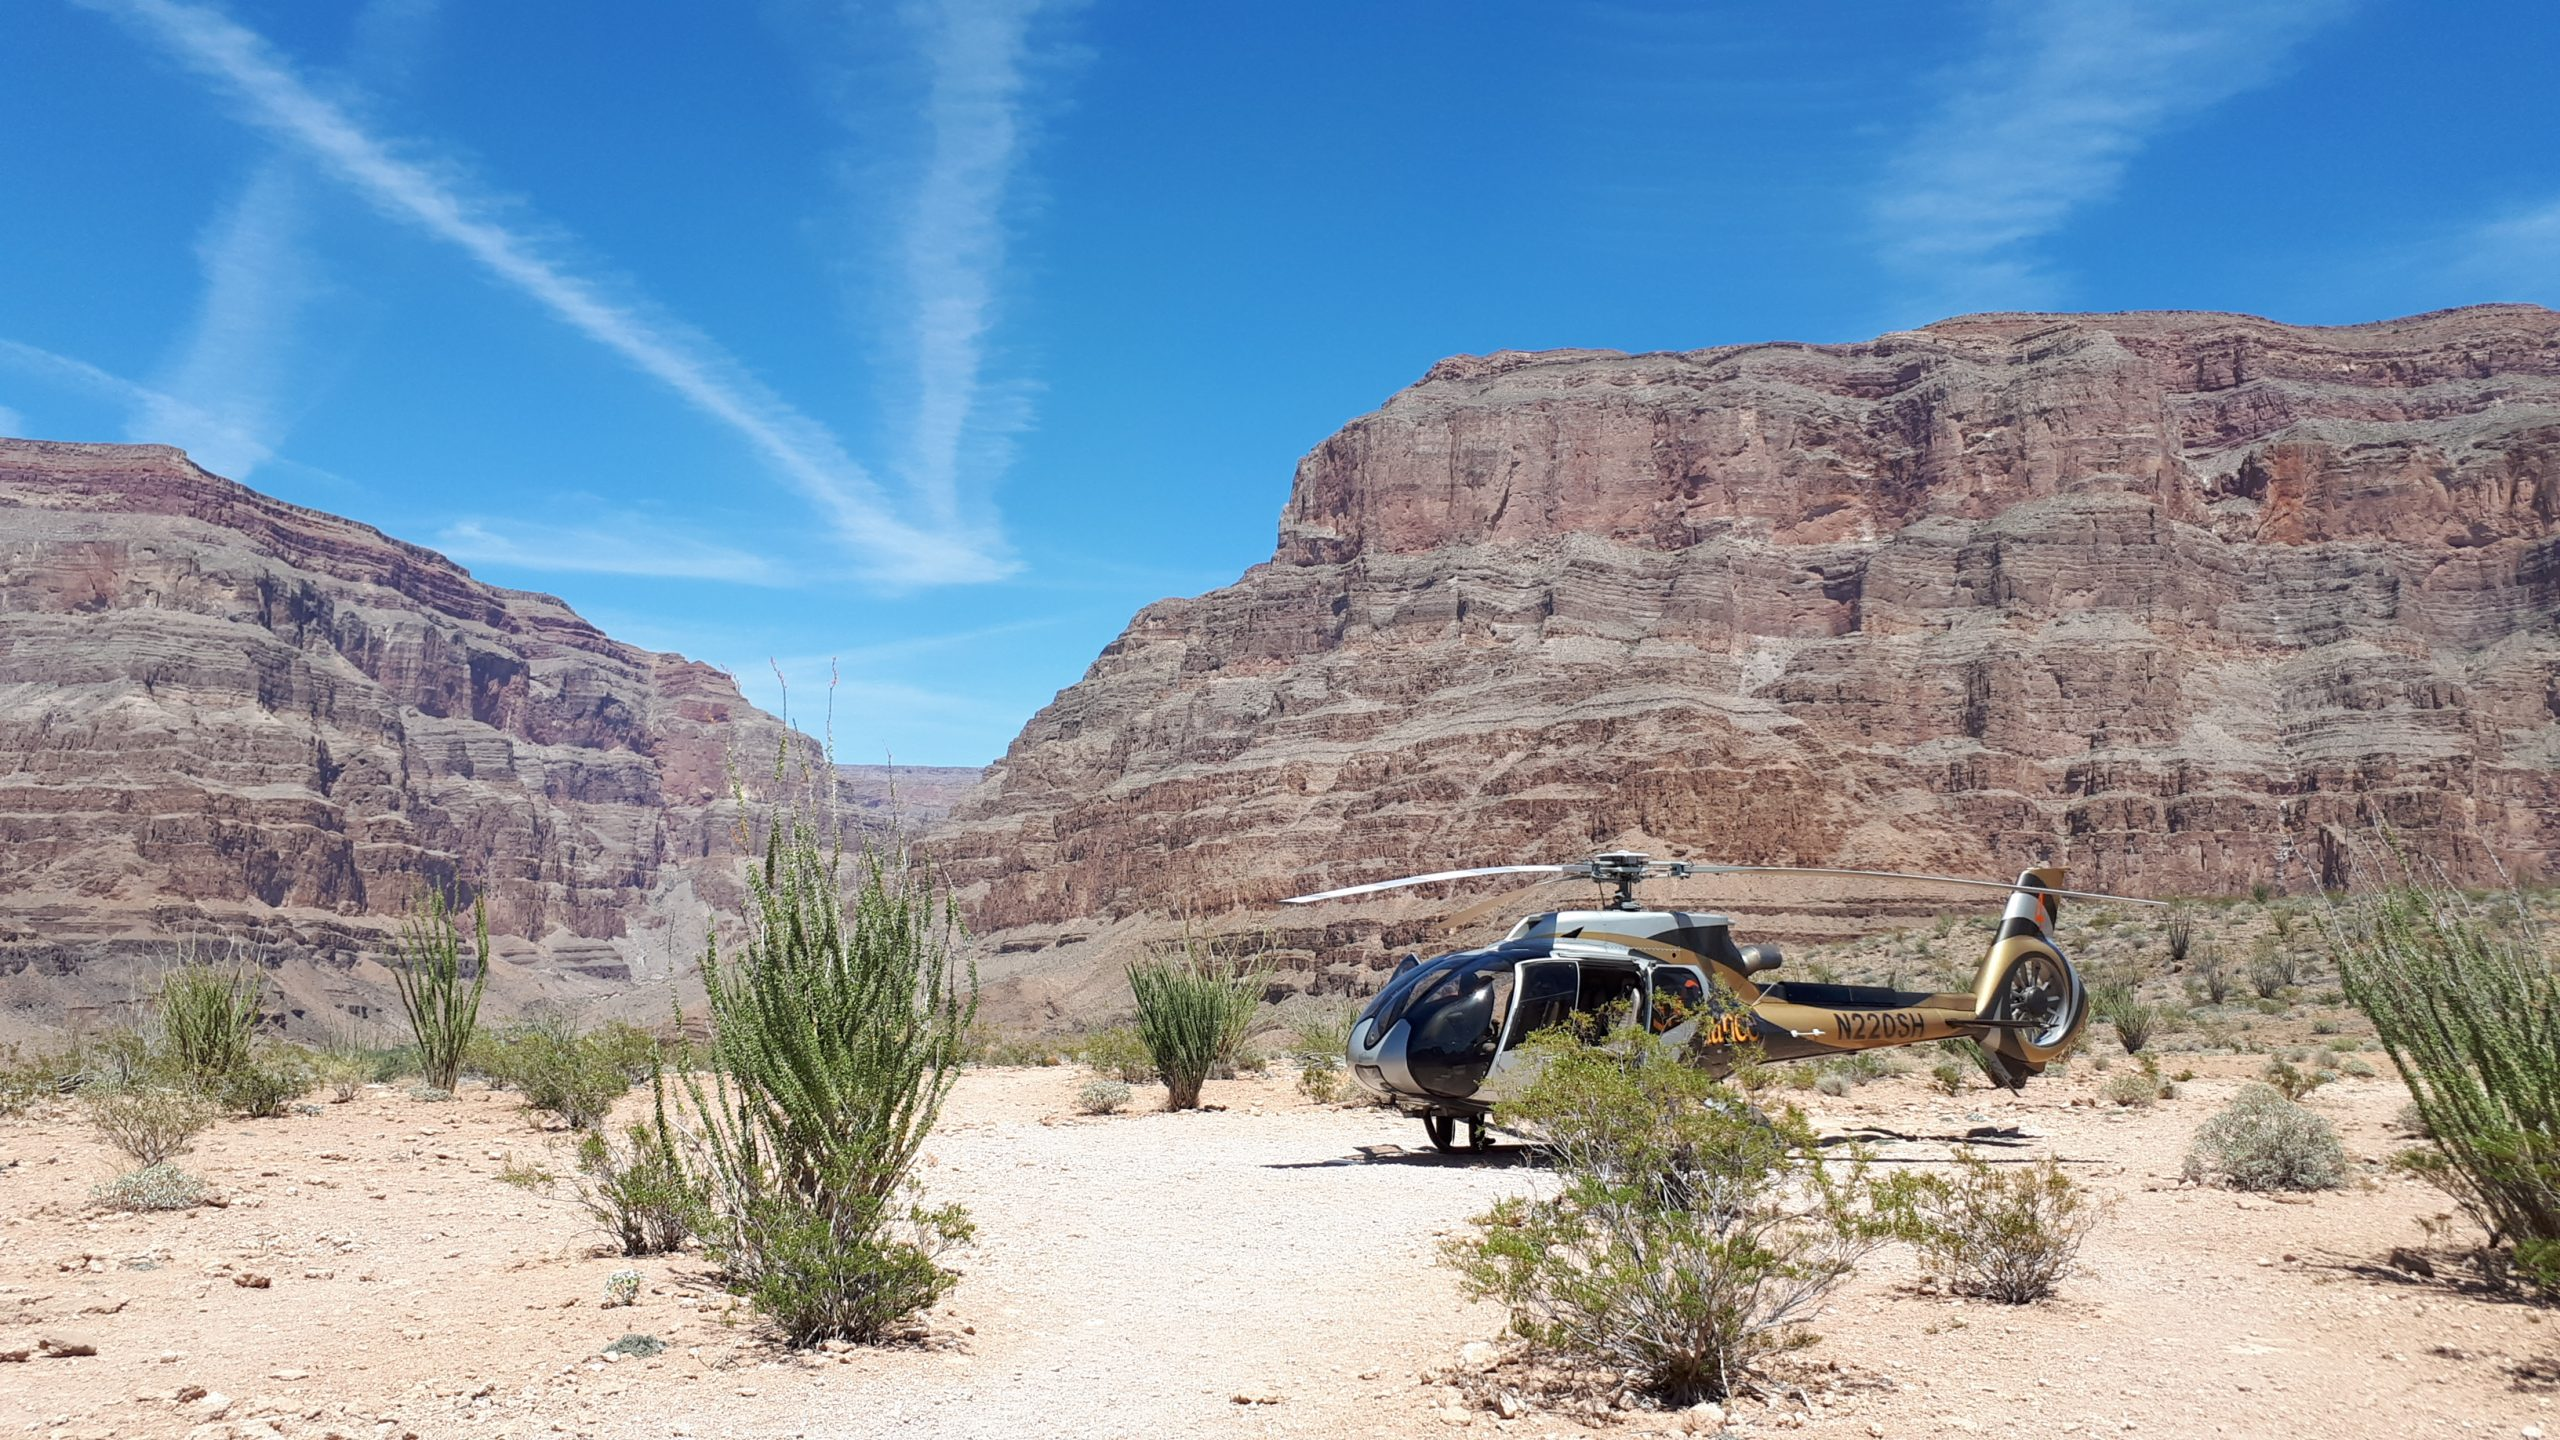 Turismebranchen har verden over haft den største nedgang i antal rejsende og omsætning siden Anden Verdenskrig som følge af coronakrisen. Her arkivfoto fra 2019, hvor en helikopter med turister er fløjet fra Las Vegas til Grand Canyon. Foto: Henrik Baumgarten.